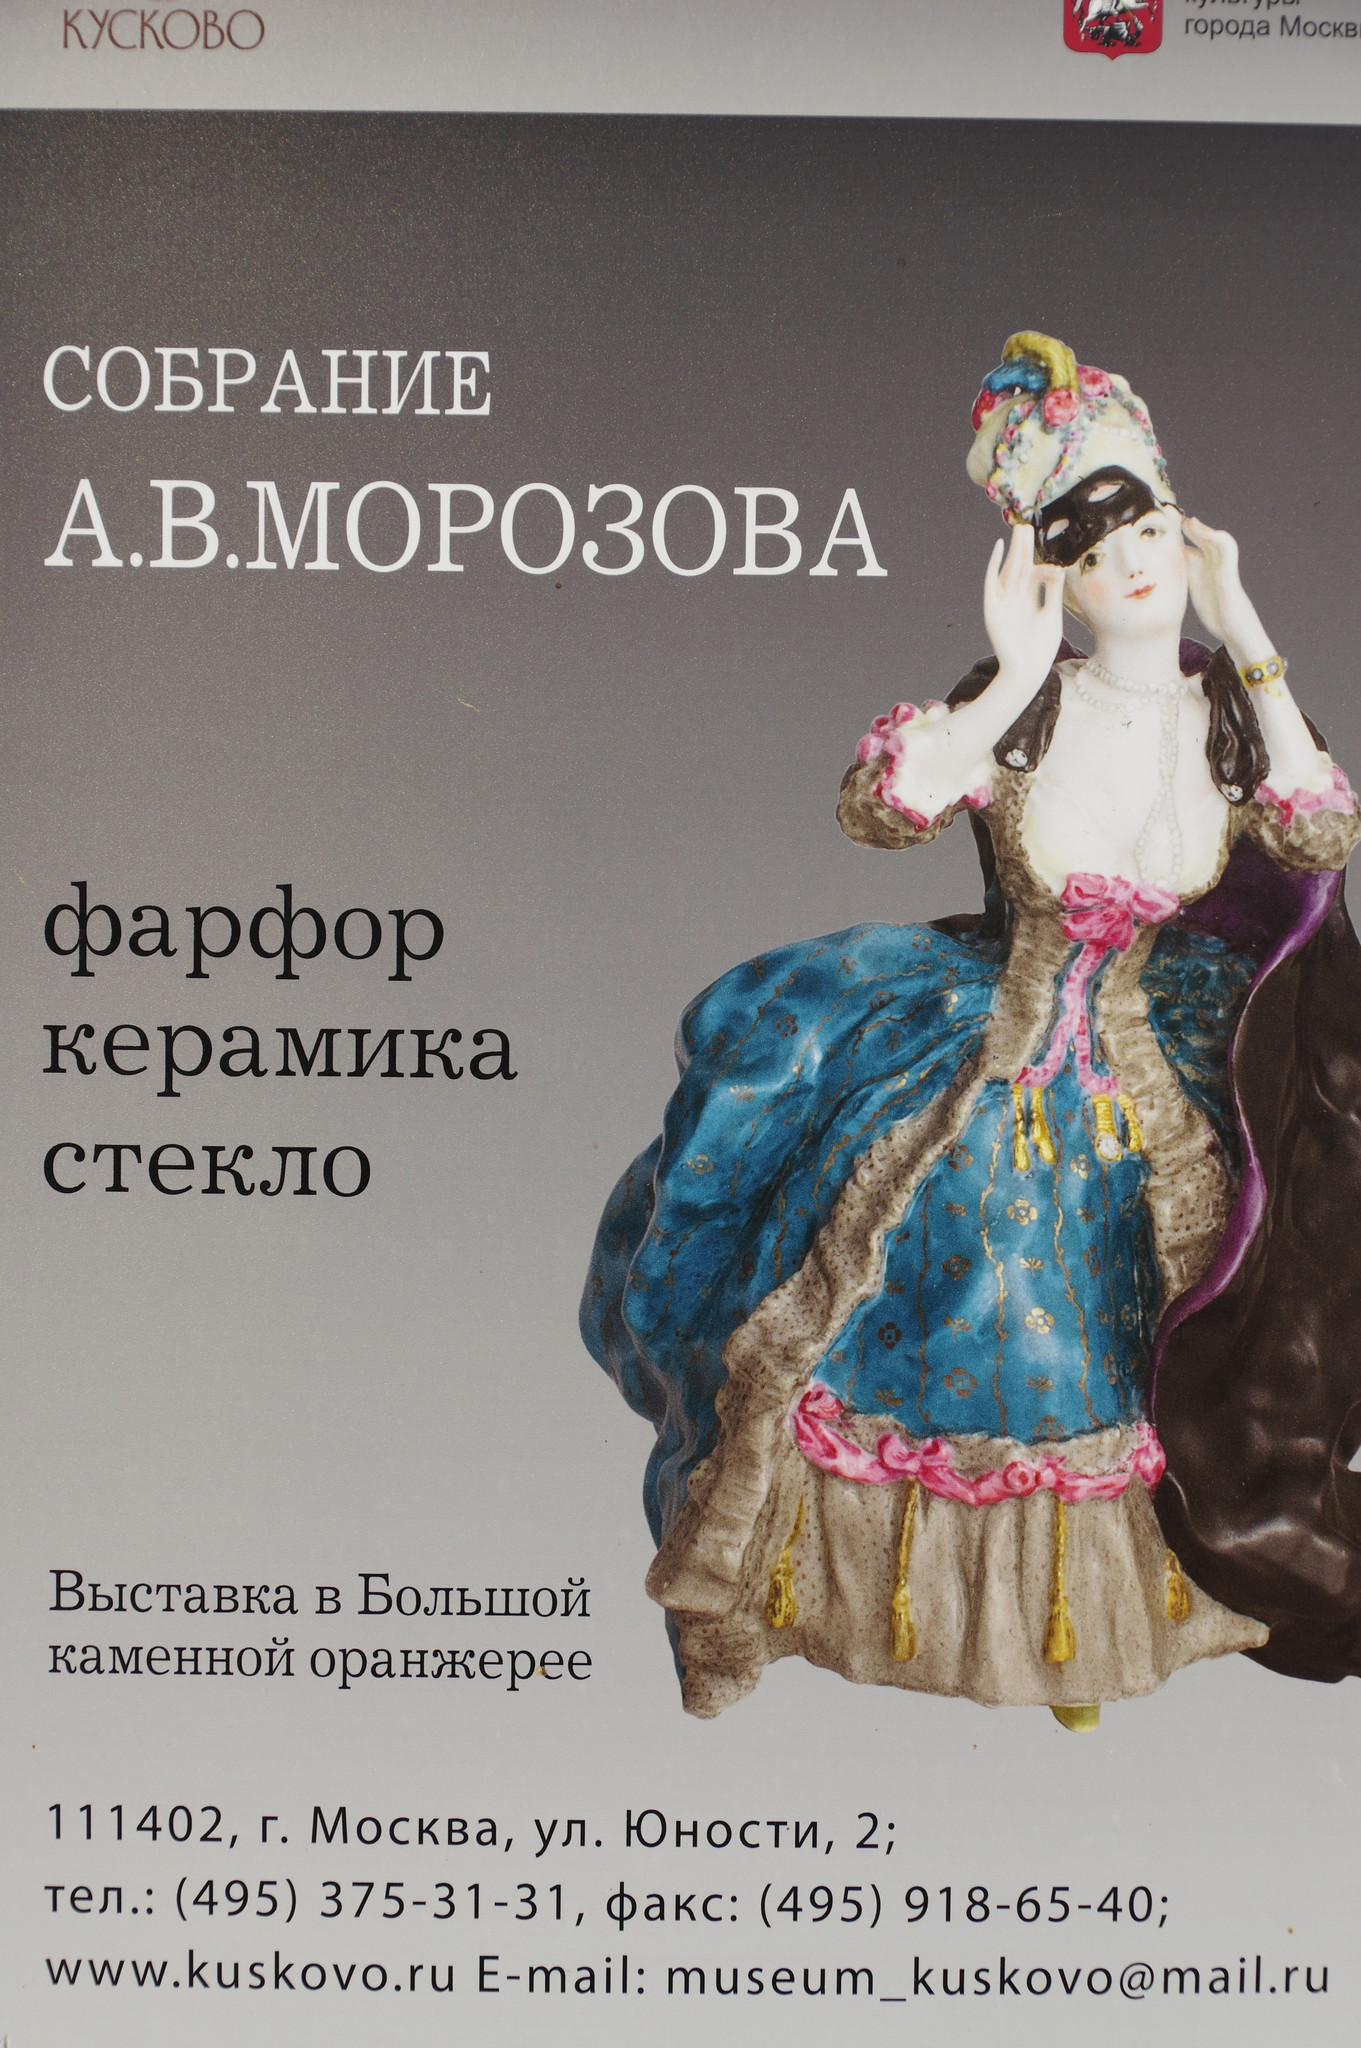 Выставка «Собрание А.В. Морозова: фарфор, керамика, стекло» в Большой каменной оранжерее усадьбы Кусково